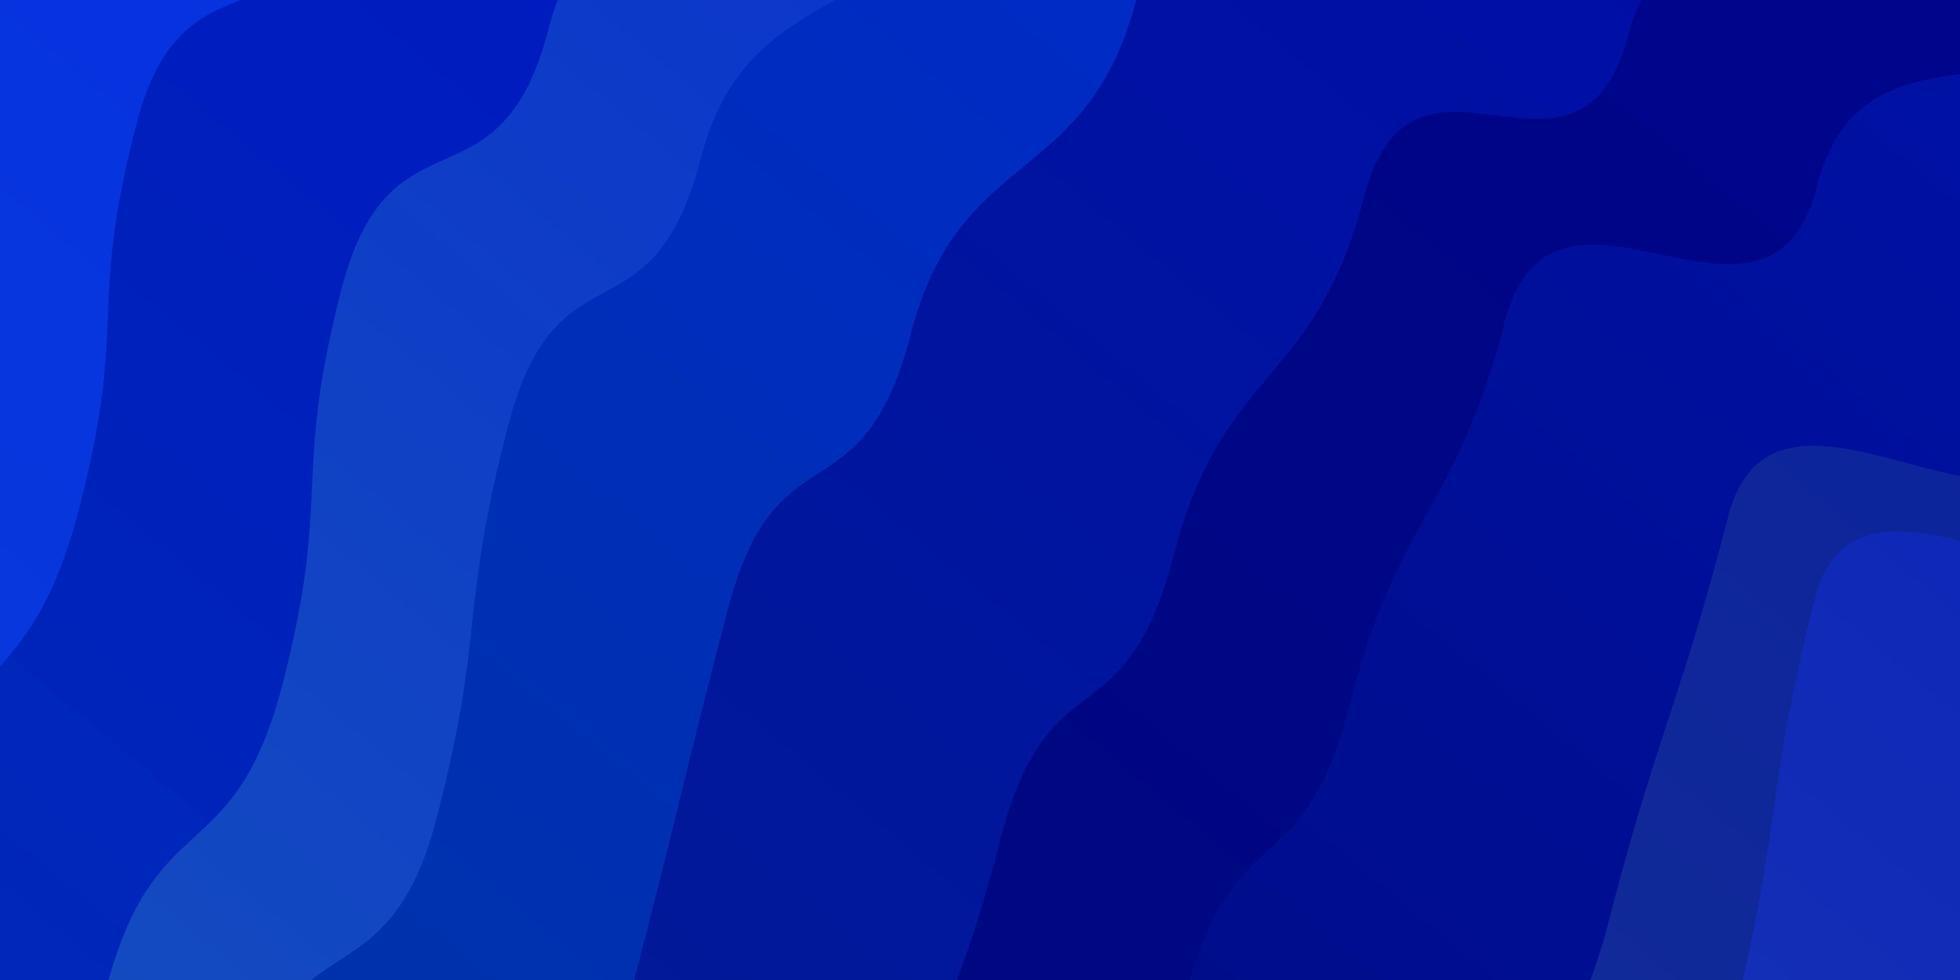 hellblaues, gelbes Vektorlayout mit schiefen Linien. vektor